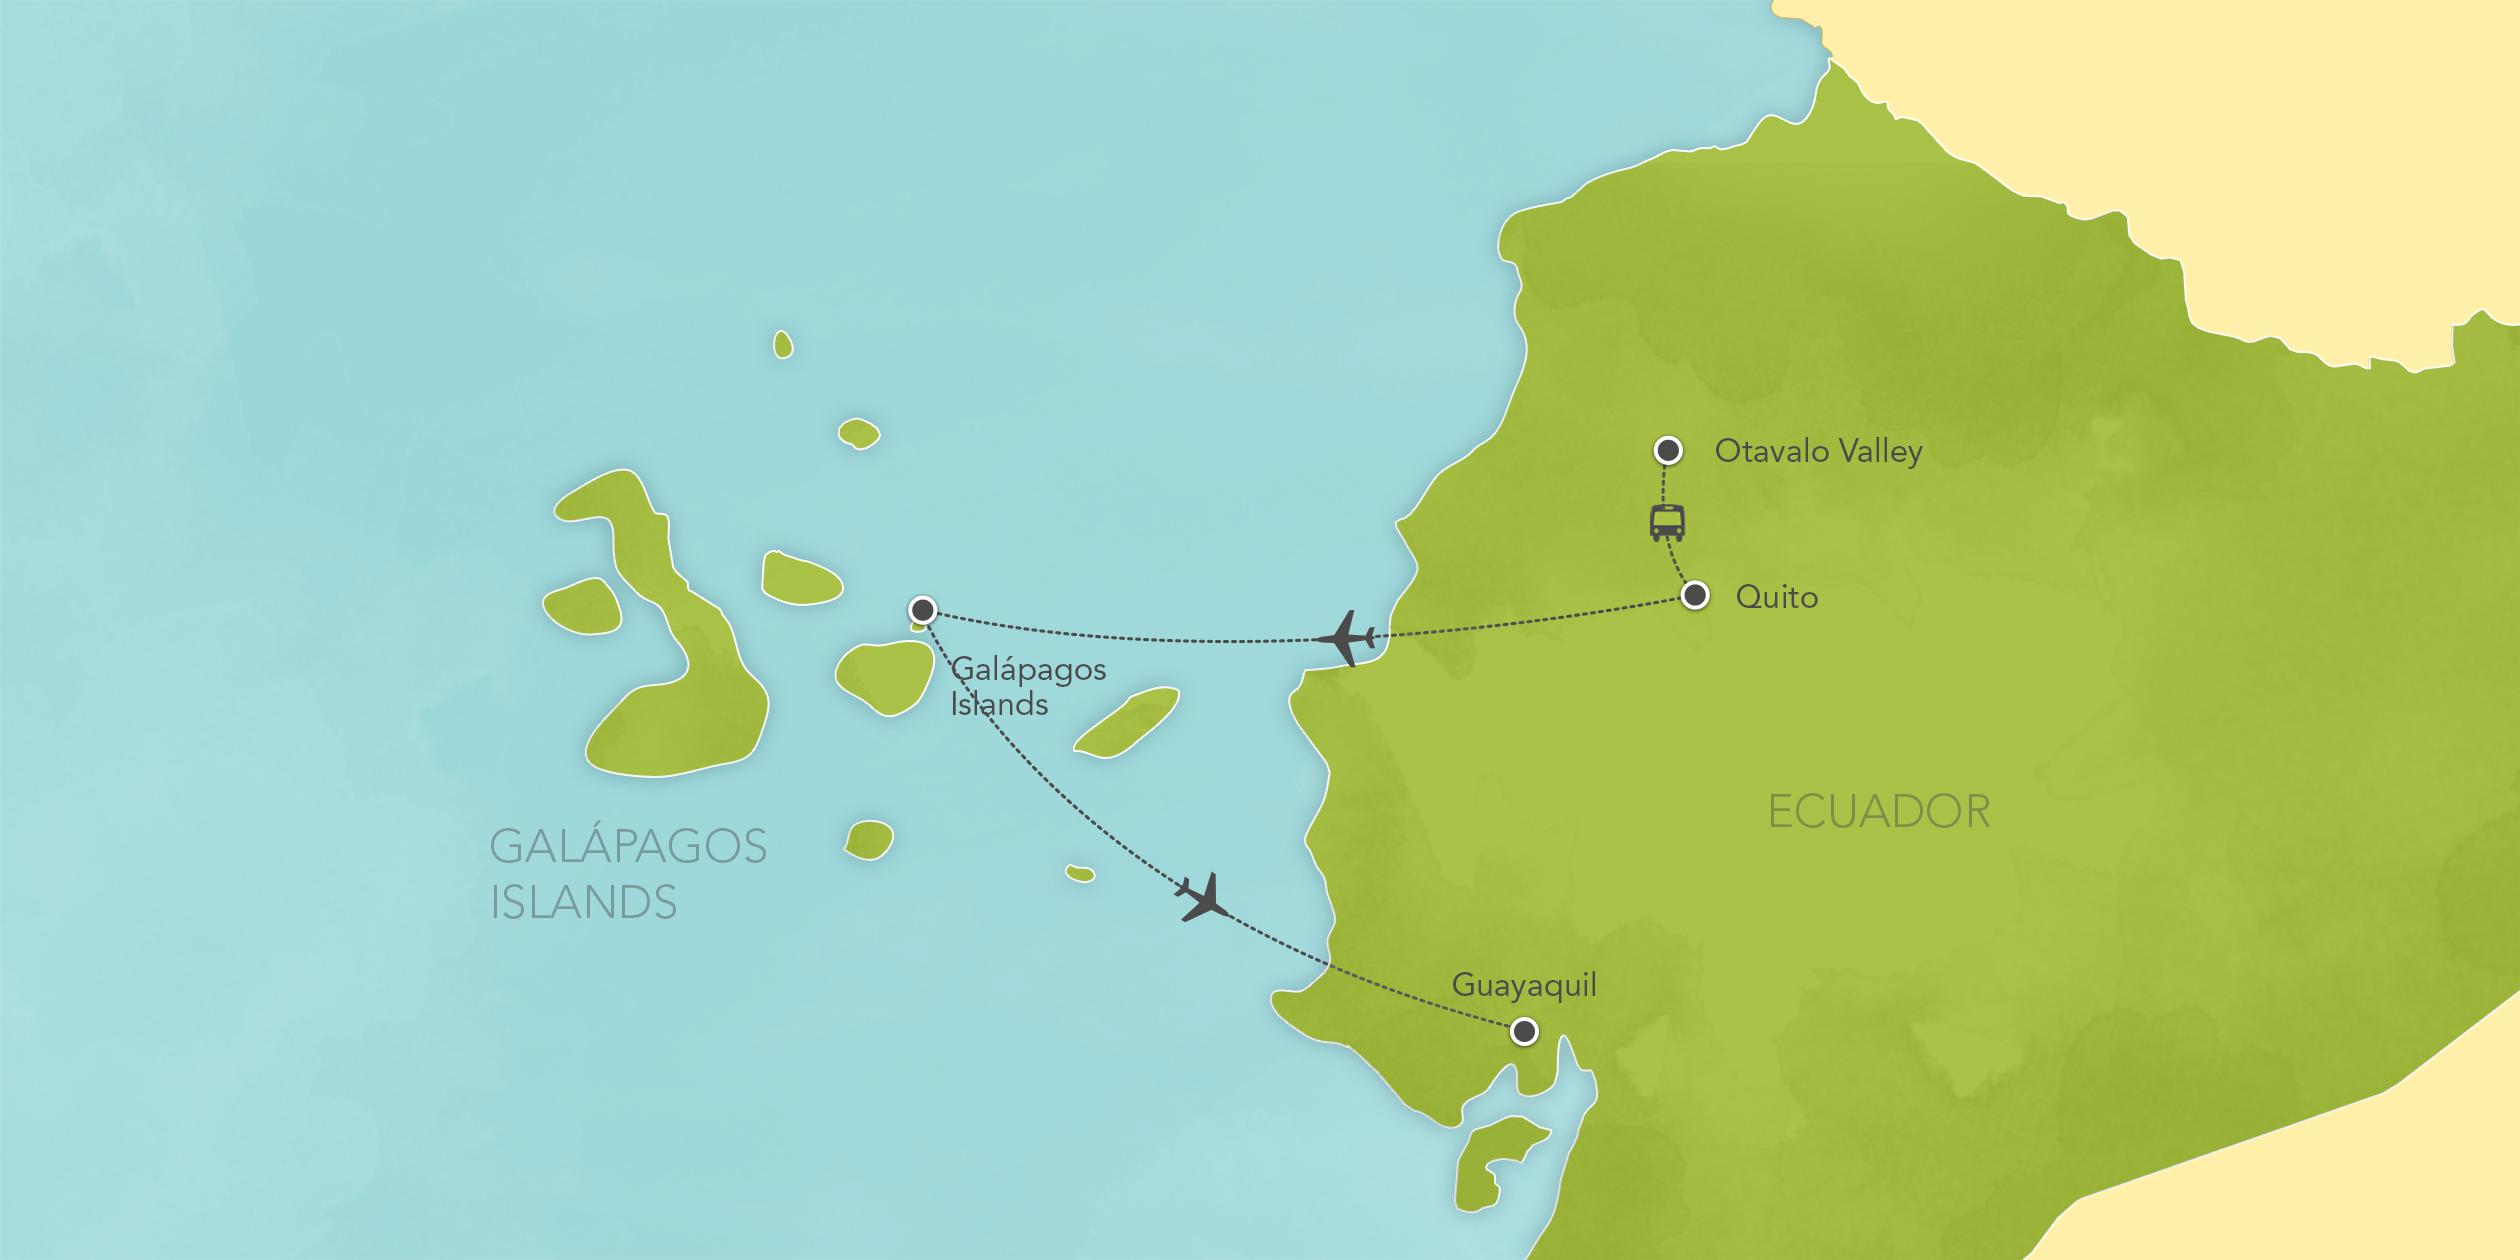 Itinerary map of Ecuador & Galápagos Islands: Quito, Otavalo Valley 2018